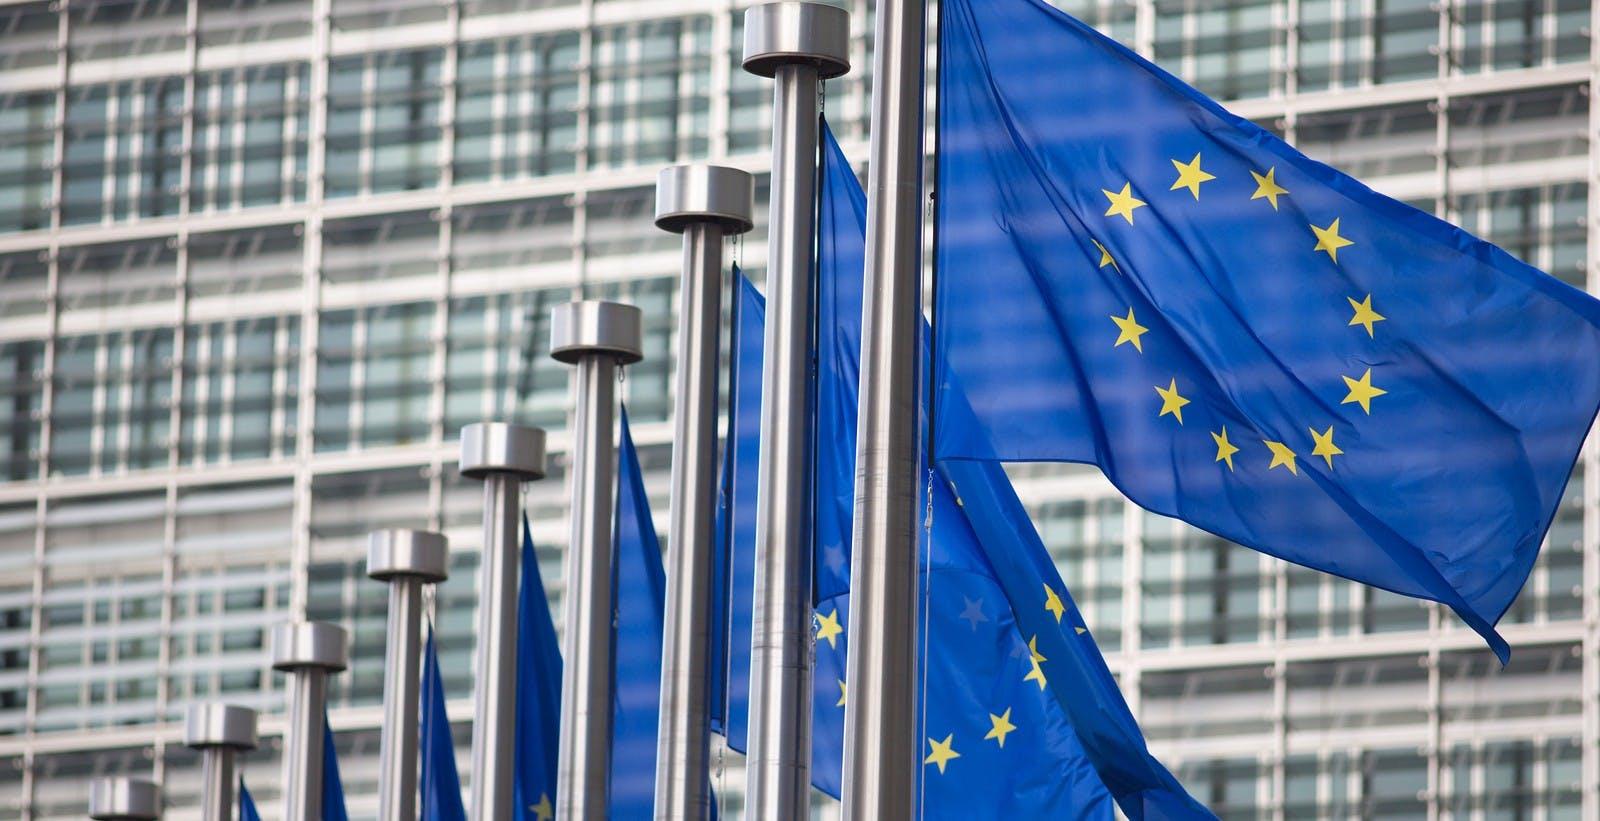 L'Europa vuole la sua fabbrica di chip per non dipendere da Cina e USA: forse coinvolte Samsung e TSMC